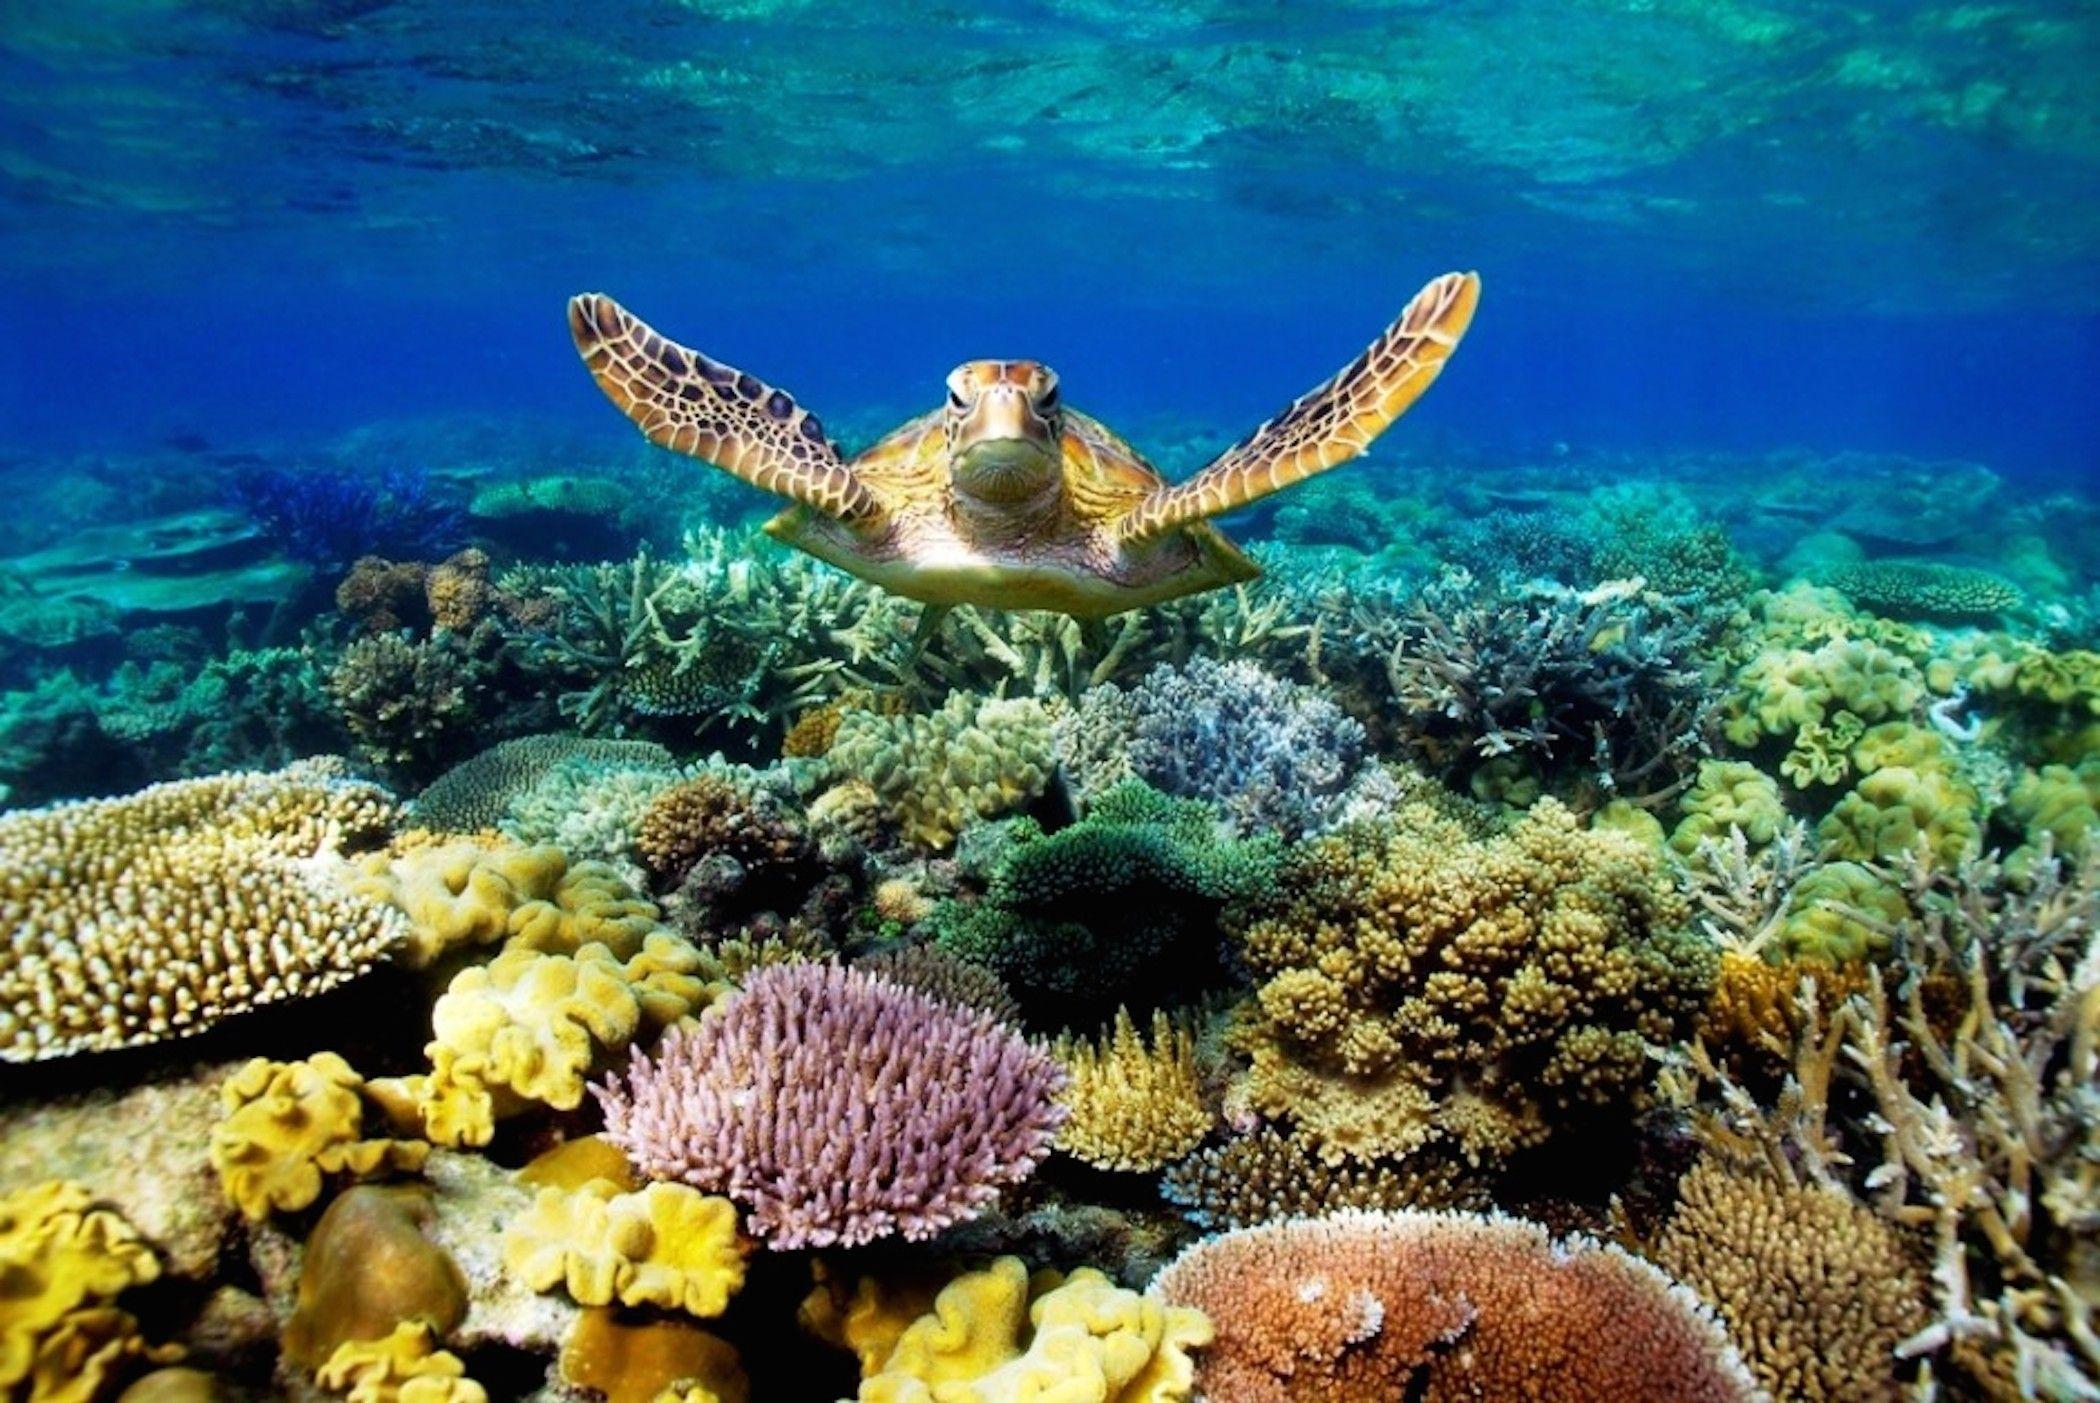 3020x2007 Tropical Coral Reef Fish Ocean Aquarium Live Wallpaper Android